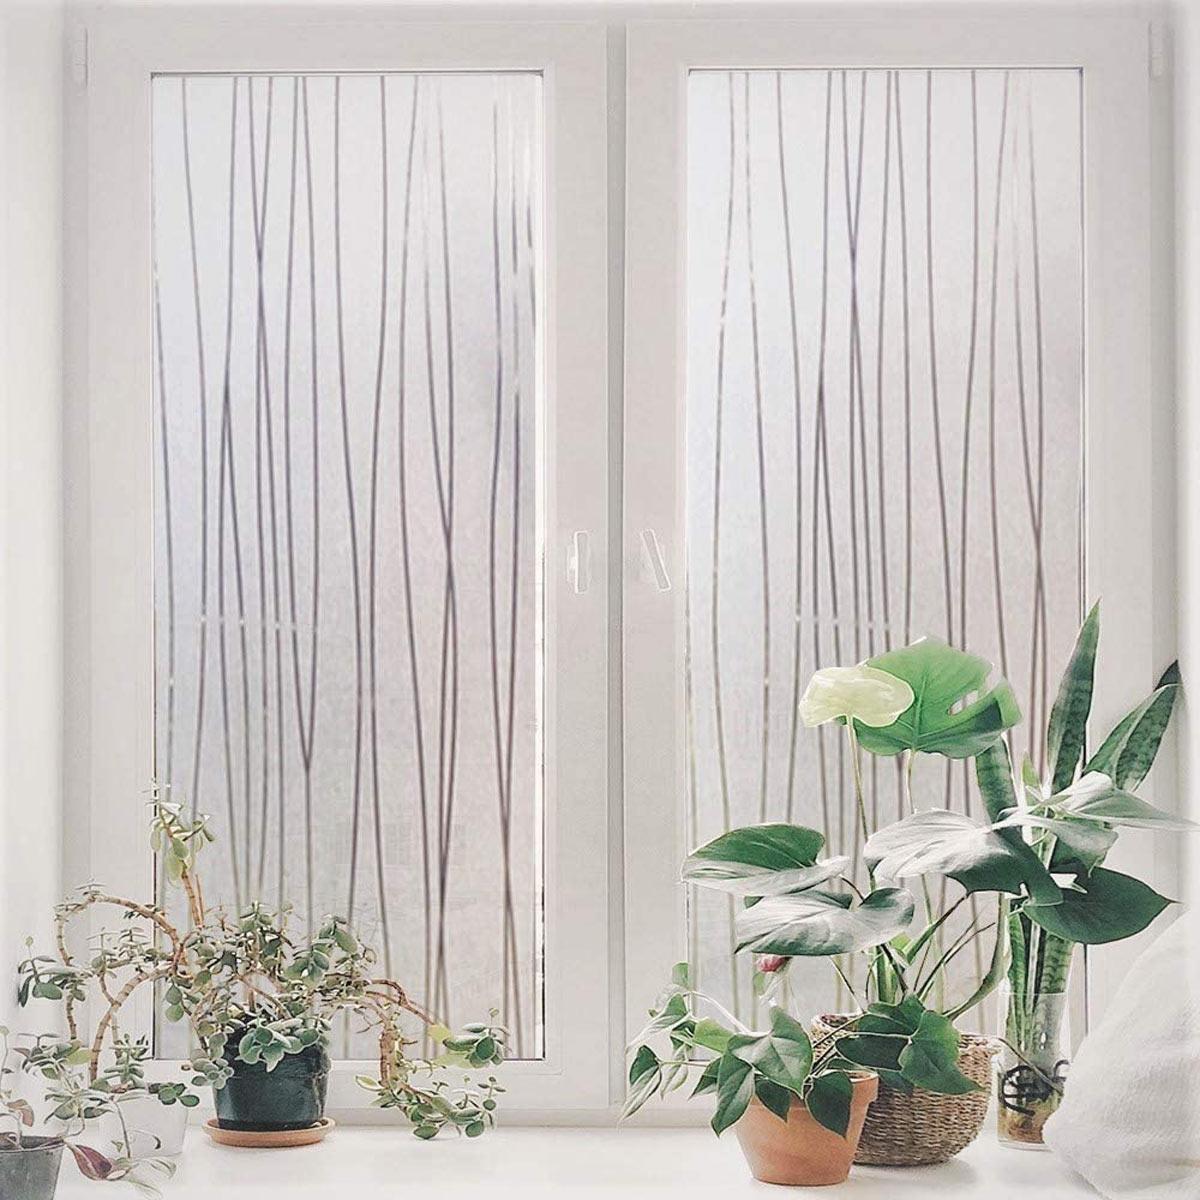 Aggiungere privacy e stile alle finestre con pellicole adesive